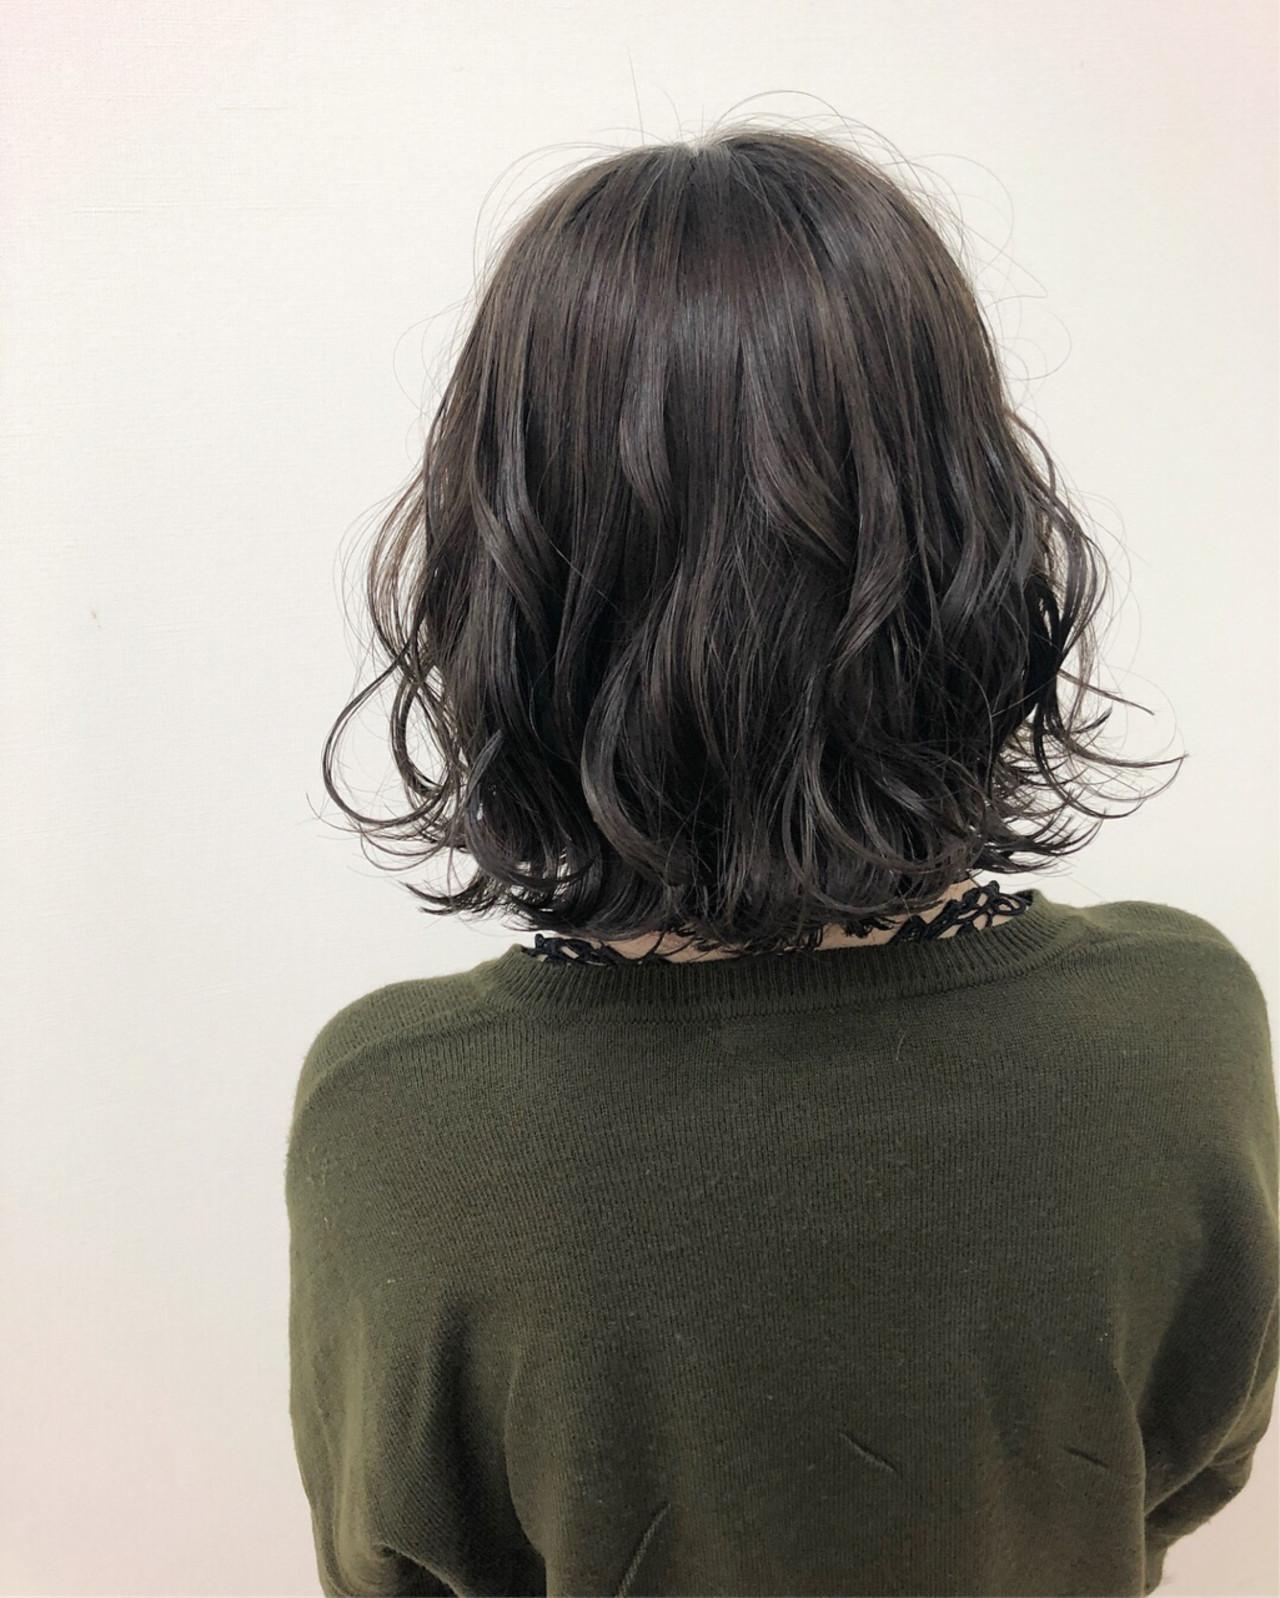 外国人風 グラデーションカラー ヘアアレンジ ゆるふわ ヘアスタイルや髪型の写真・画像 | Yuuta Asato / Moana by HEADLIGHT 沖縄東崎店